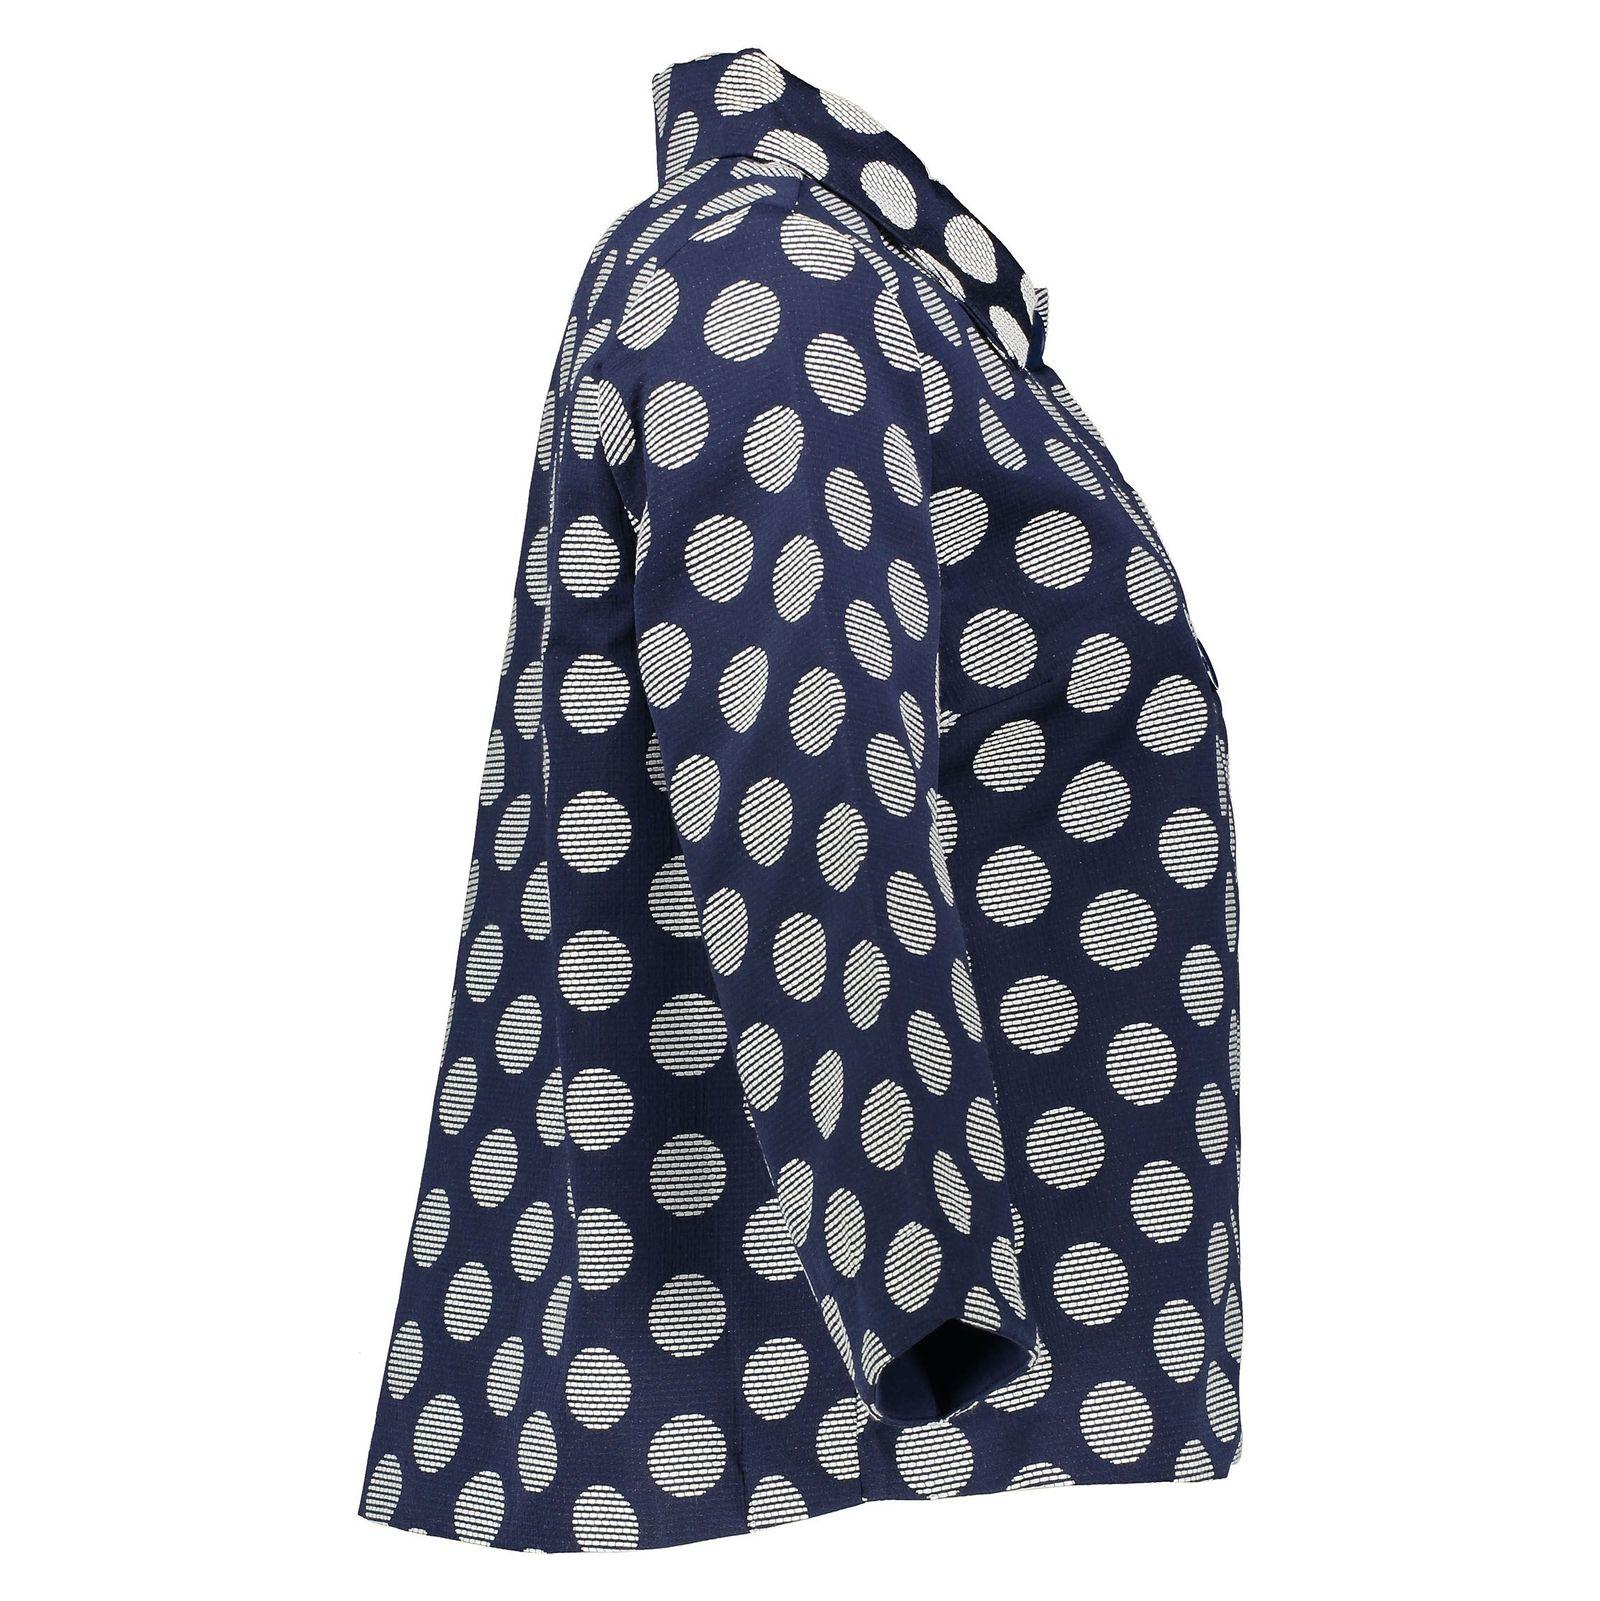 کت کوتاه زنانه - یوپیم - سرمه اي - 5